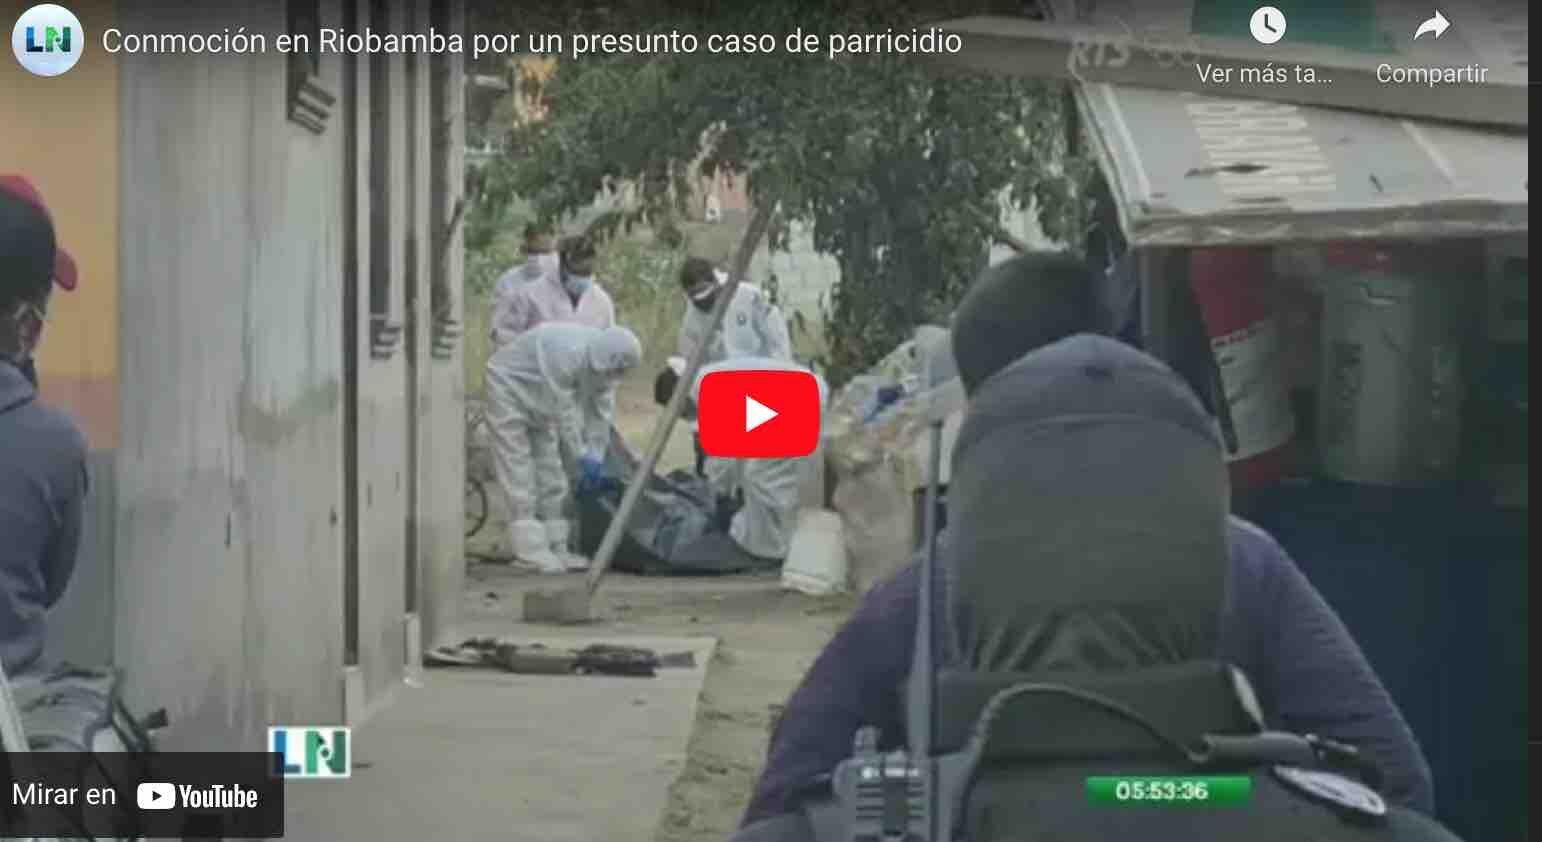 VIDEO: Conmoción en Riobamba por un presunto caso de parricidio